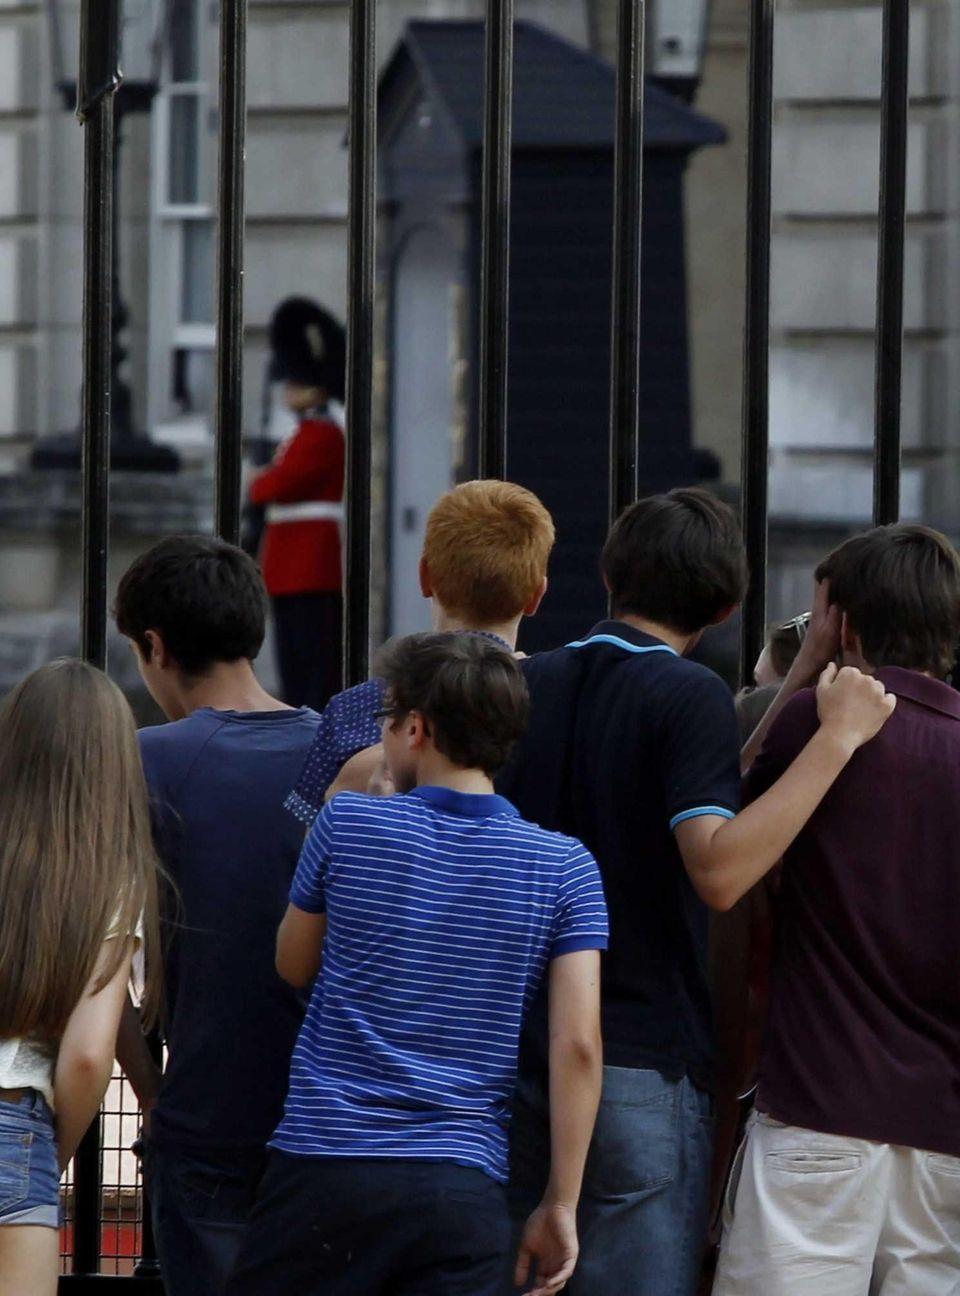 People wait outside of Buckingham Palace in London.